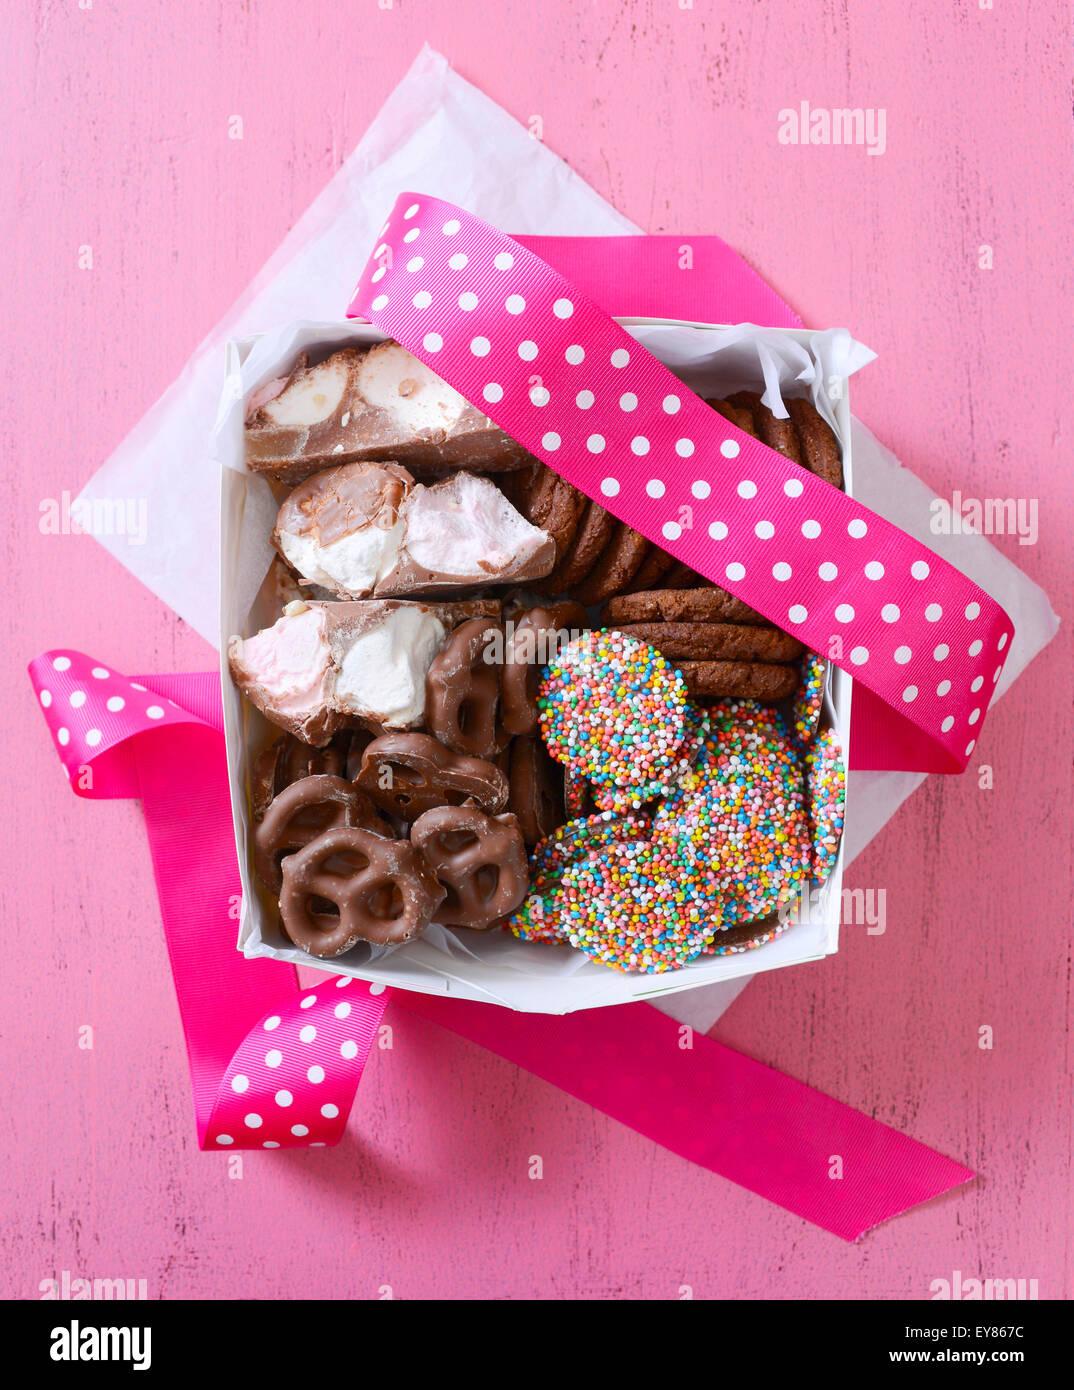 Il cioccolato caramelle e biscotti confezione regalo con ricoperta di cioccolato marshmallows, salatini, caramelle Foto Stock